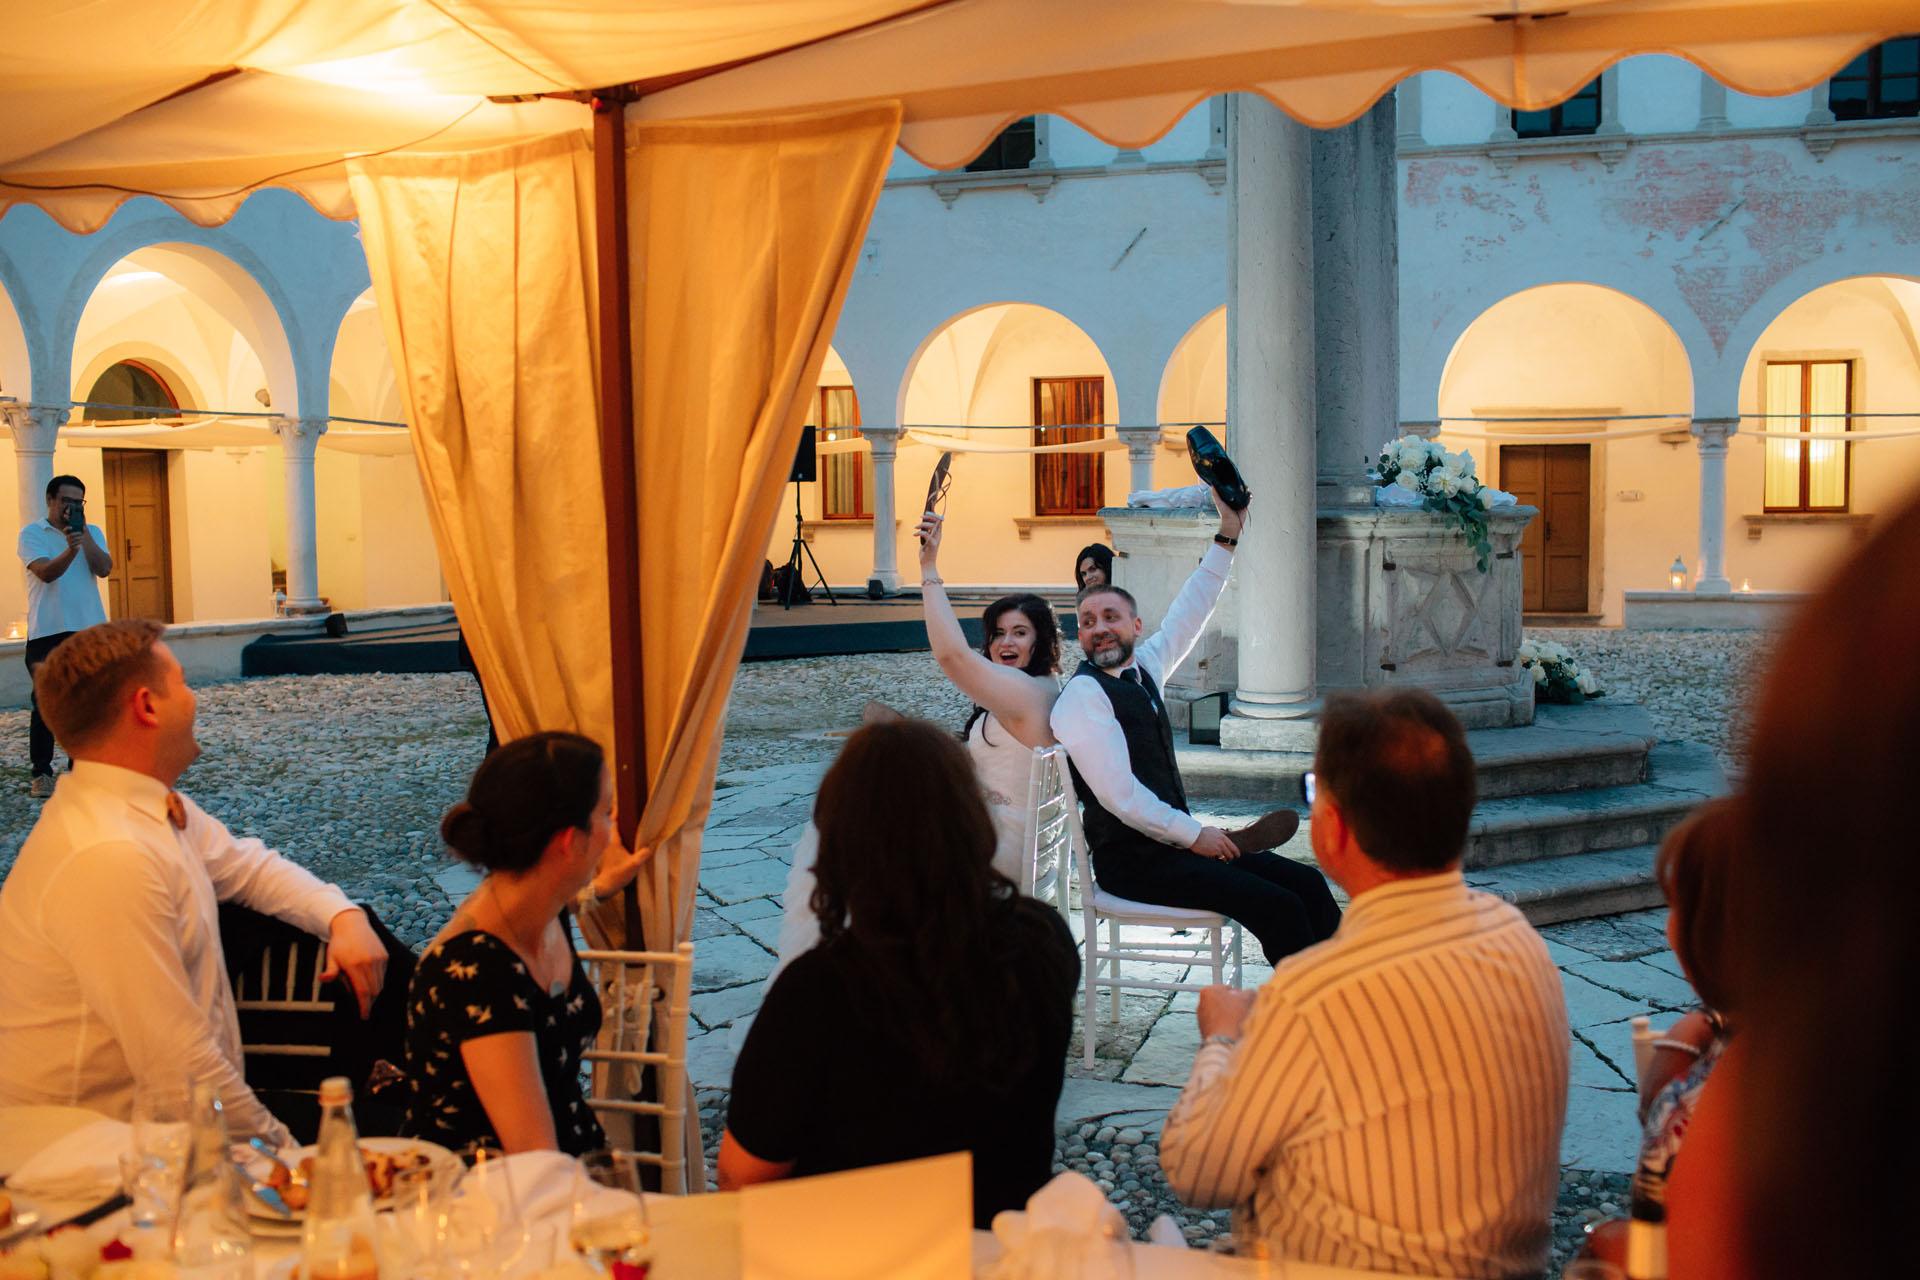 Jessica-Jason-Weddingdestination-Storytelling-Renato-Zanette-Fotografo-Convento-San-Francesco-Conegliano-Treviso-Veneto-Amici-in-Festa